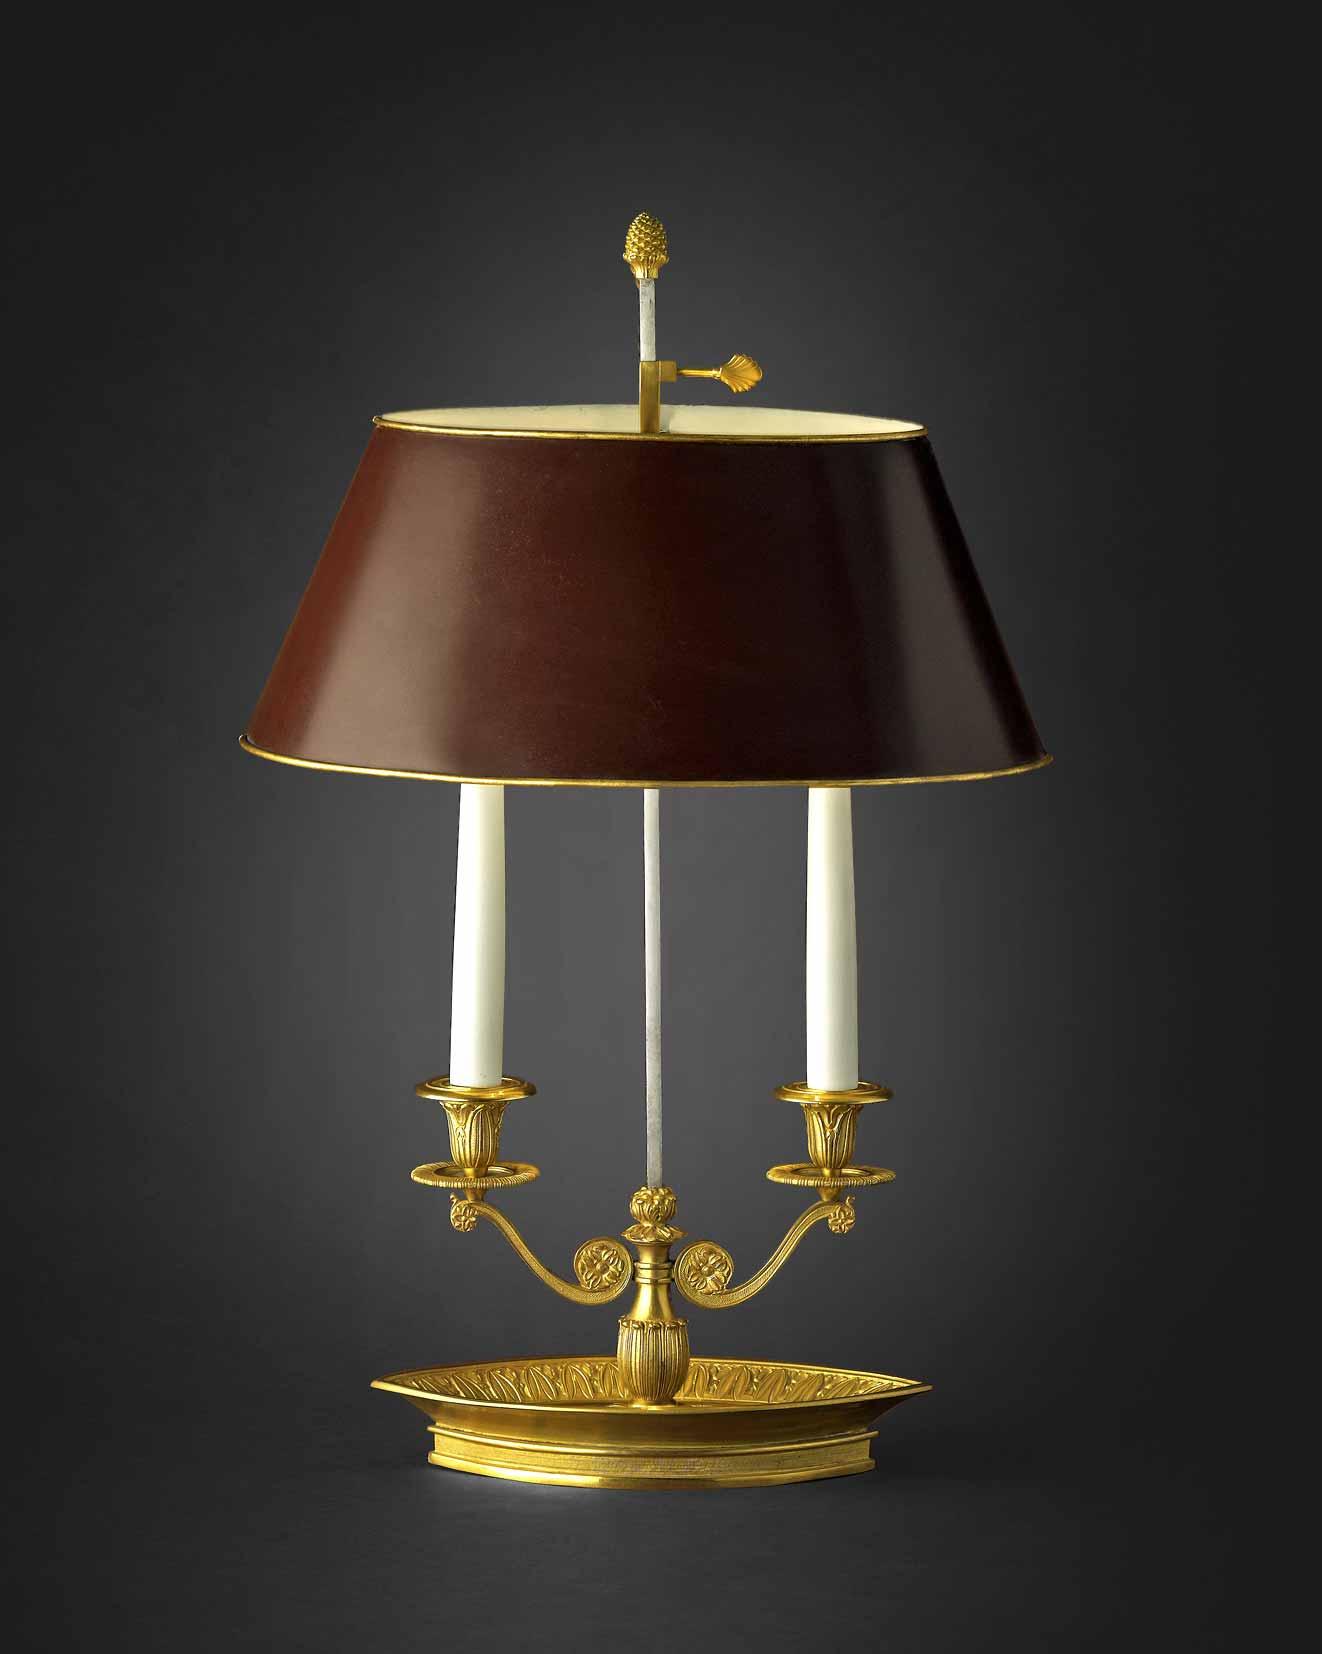 Lampes & lampadaires - 12755